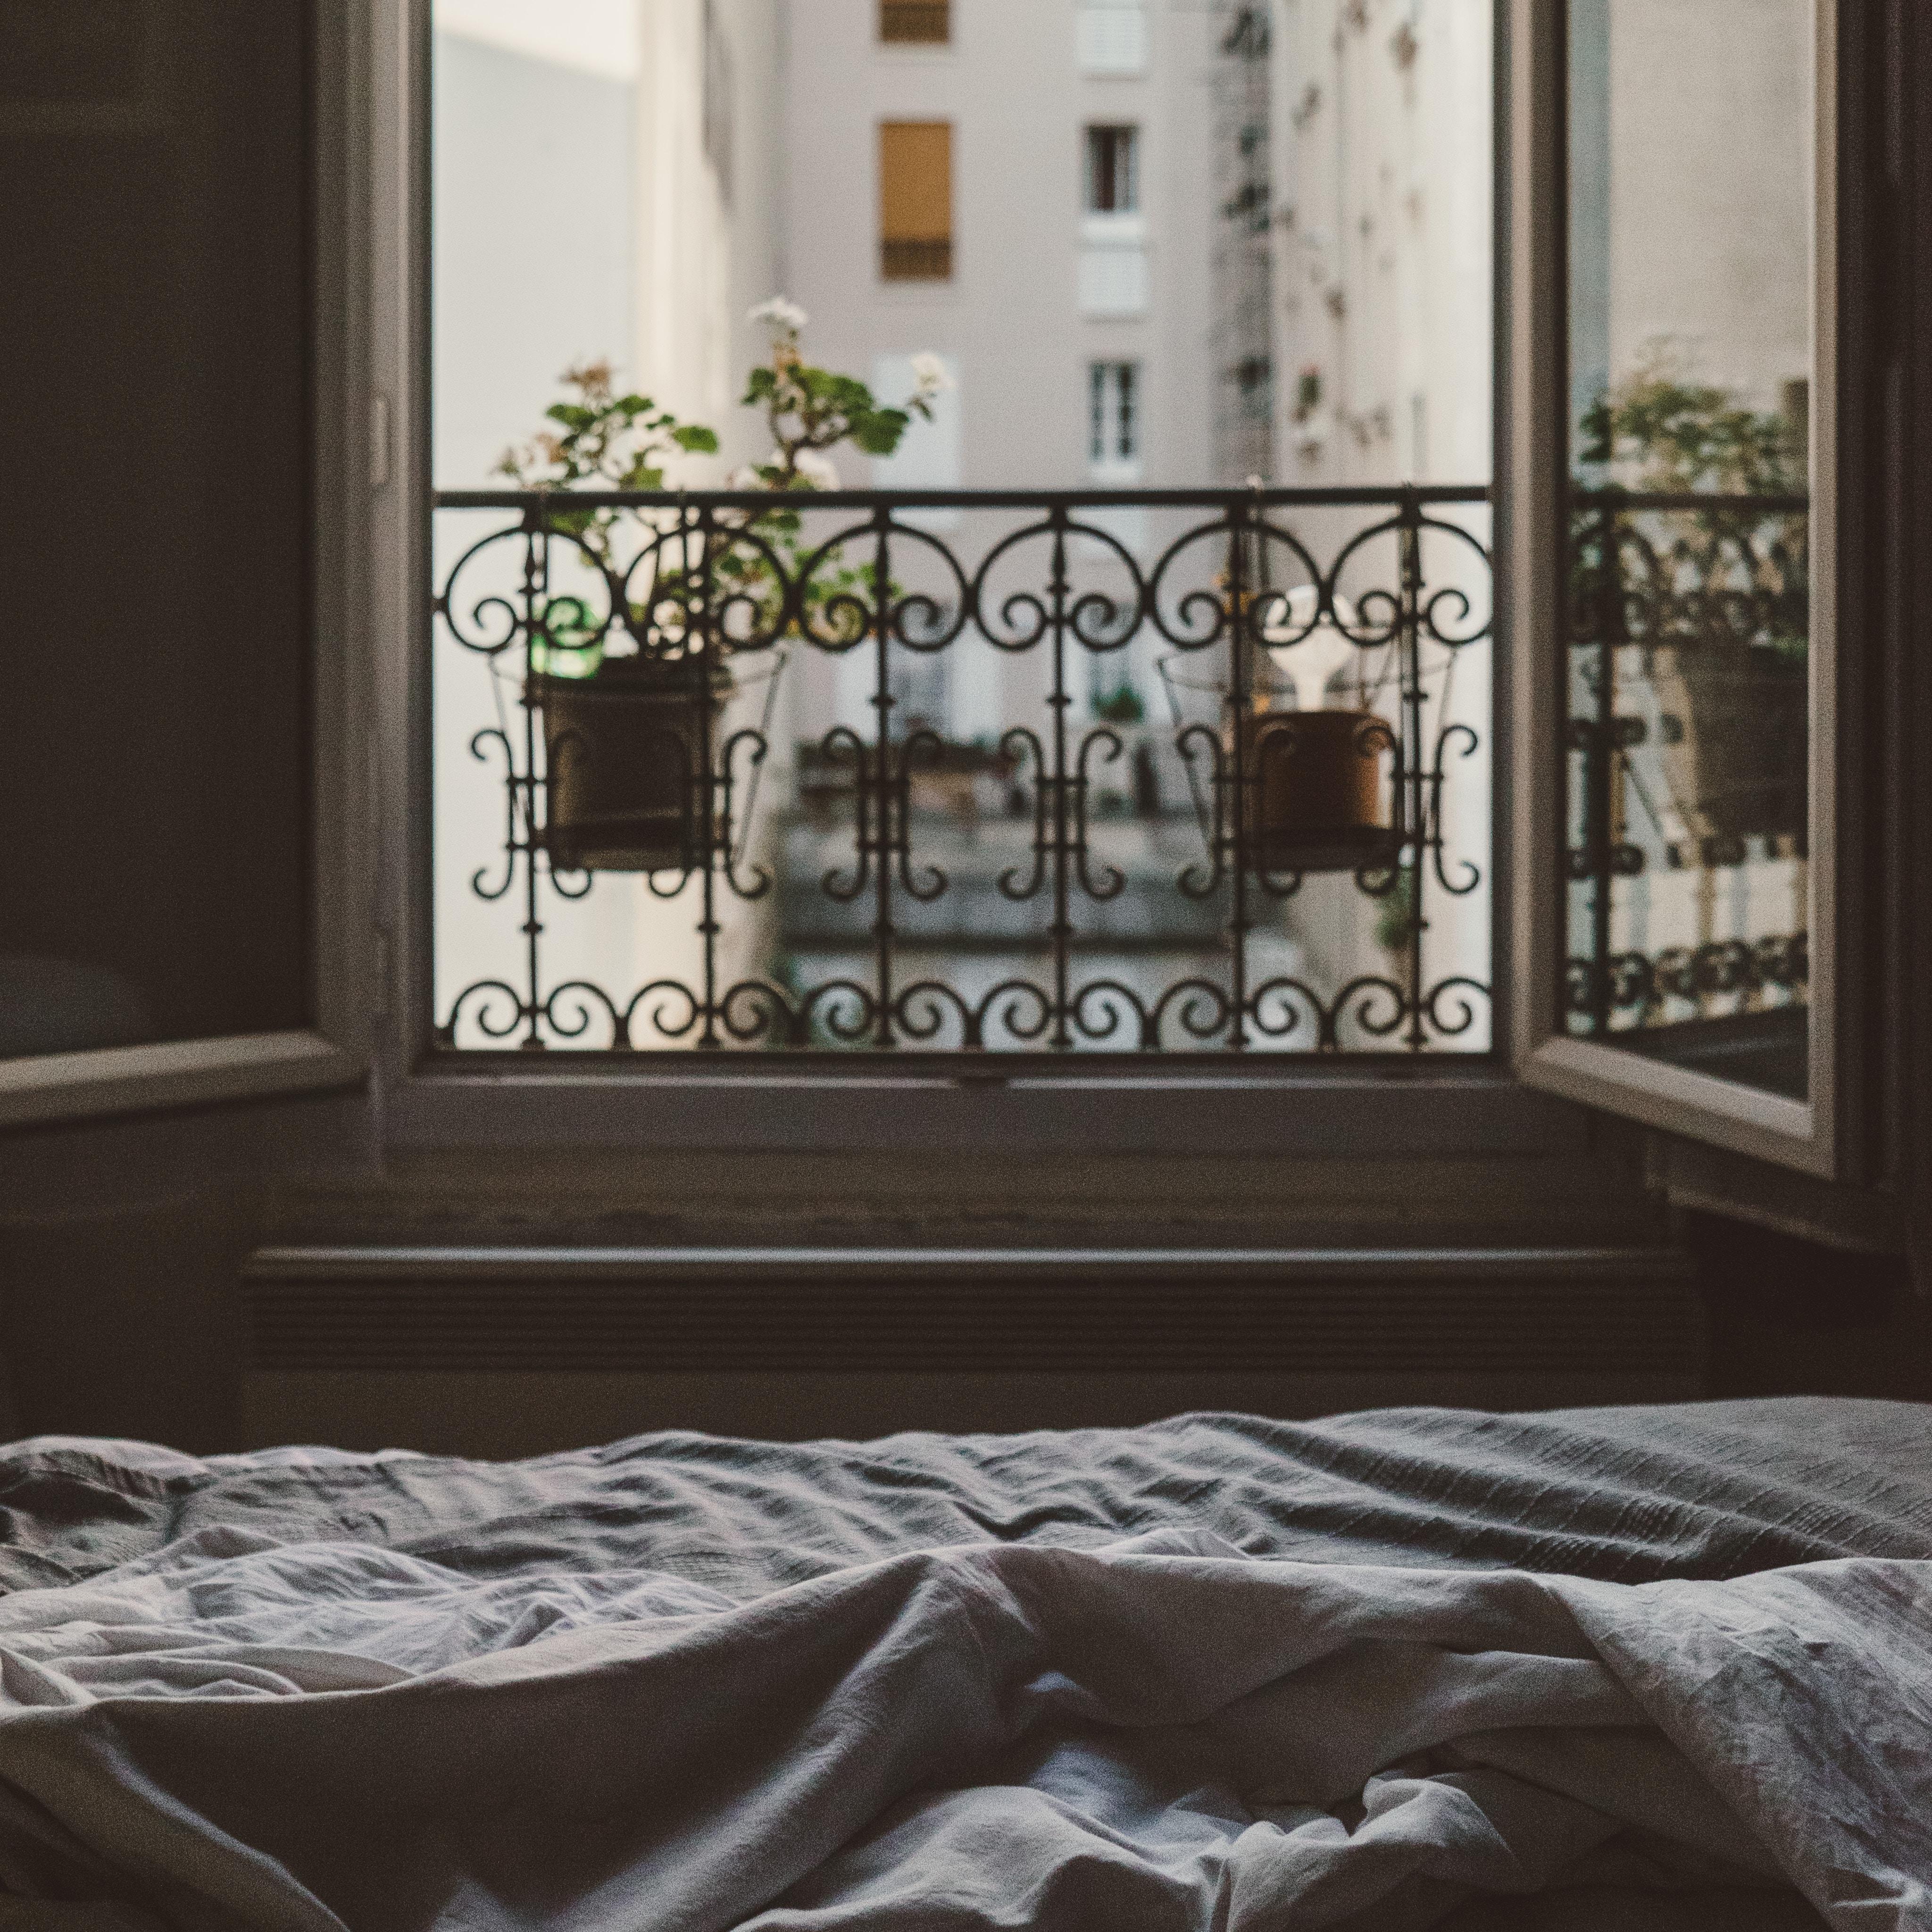 Skønhed, morgenrutine, min hud, Foto: unsplash